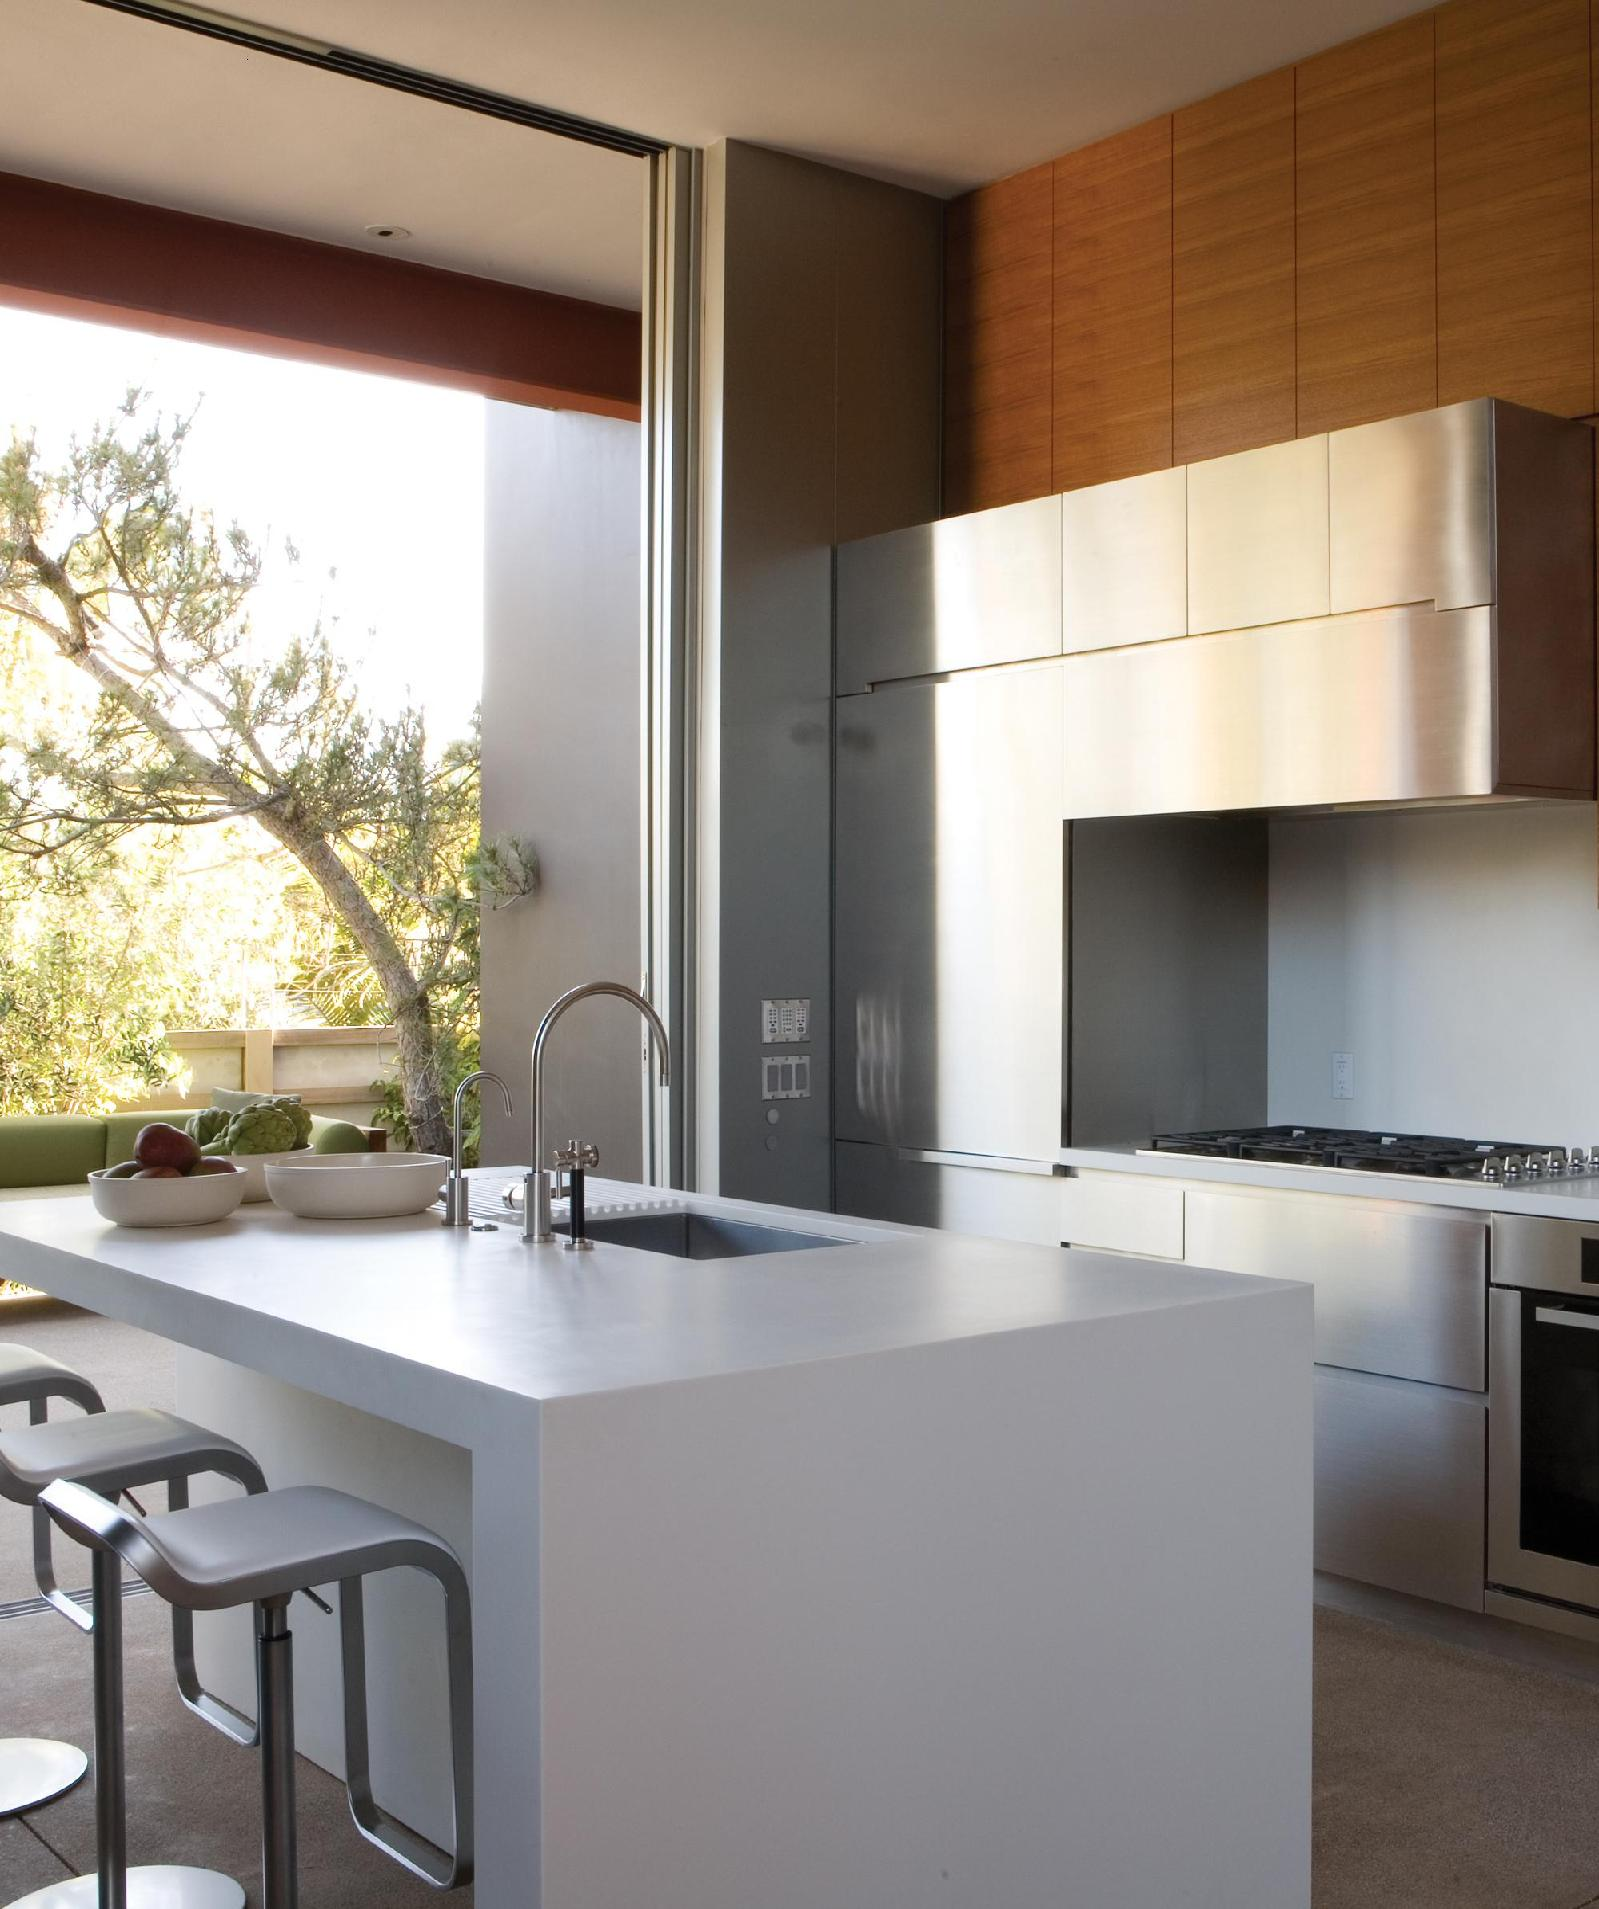 design-populaire-ikea-petite-cuisine-idees-avec-armoire-en-inox-et-moderne-innovante-table-bar-et-chaise-design-pour-ikea-petite-cuisine-moderne-idee-design-ikea- petites-idées-de-cuisine-avec-style-traditionnel